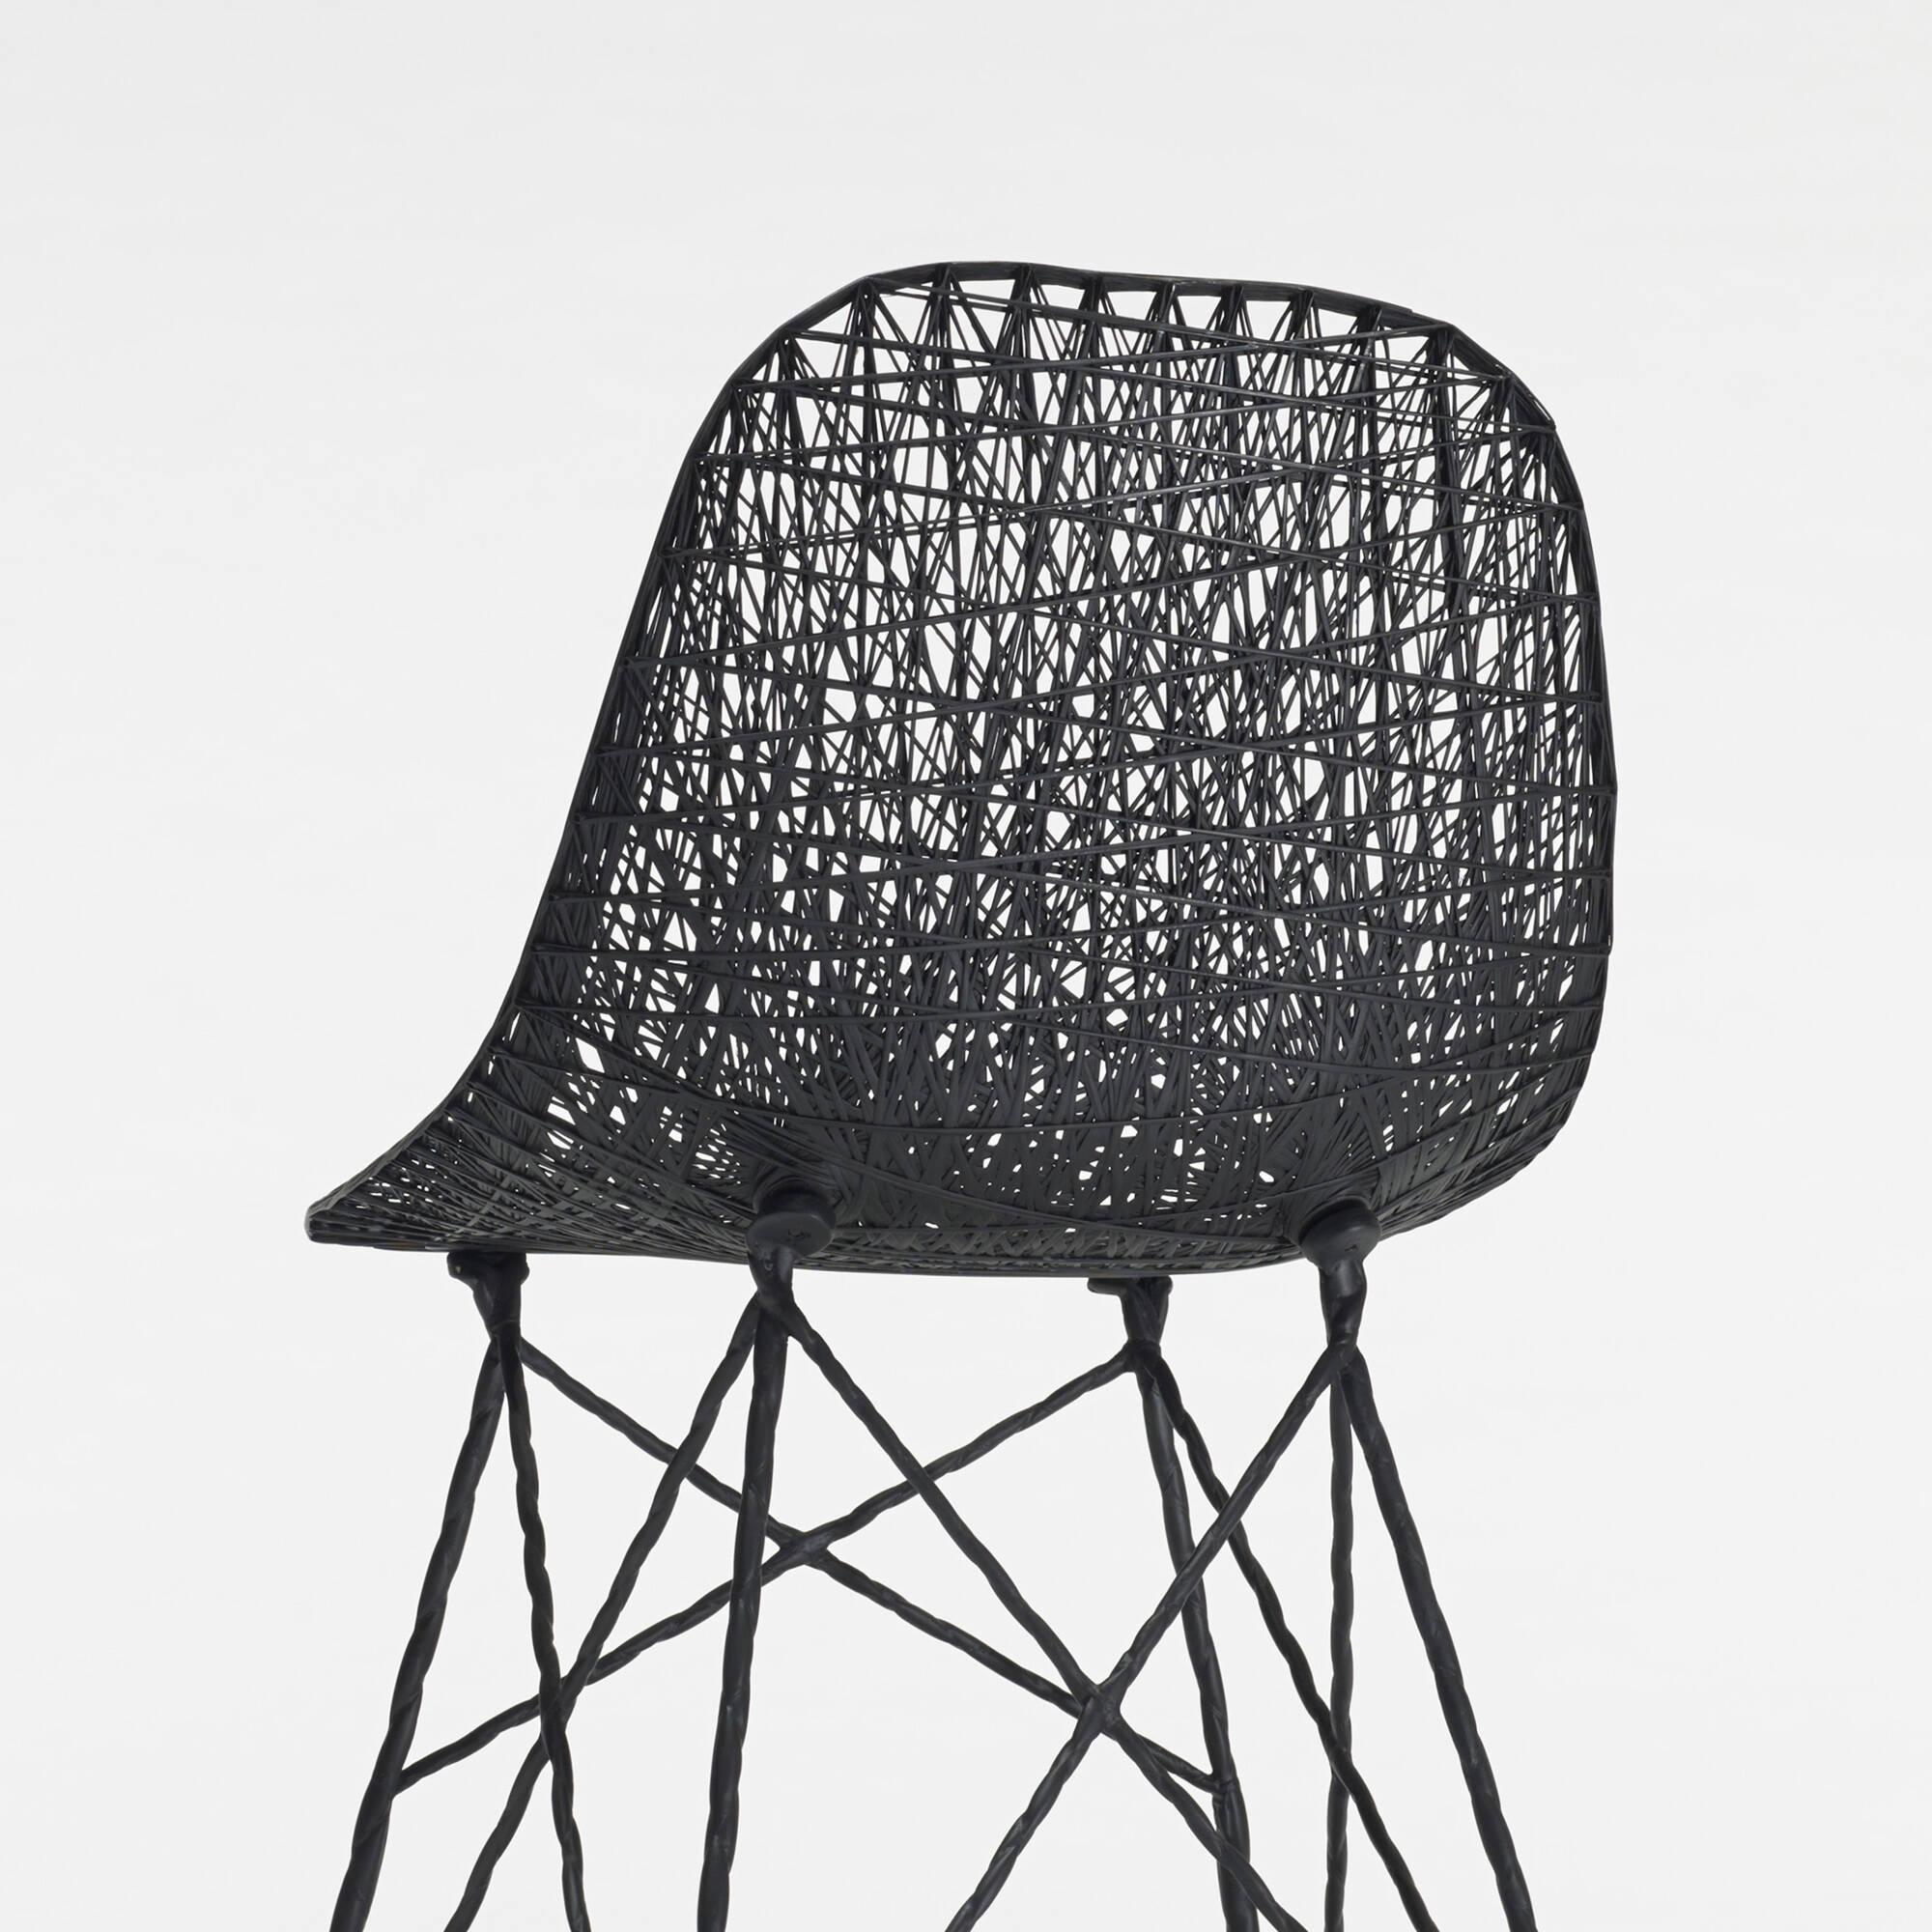 Carbon Fiber Chair 607 Bertjan Pot And Marcel Wanders Carbon Fiber Chair Mass